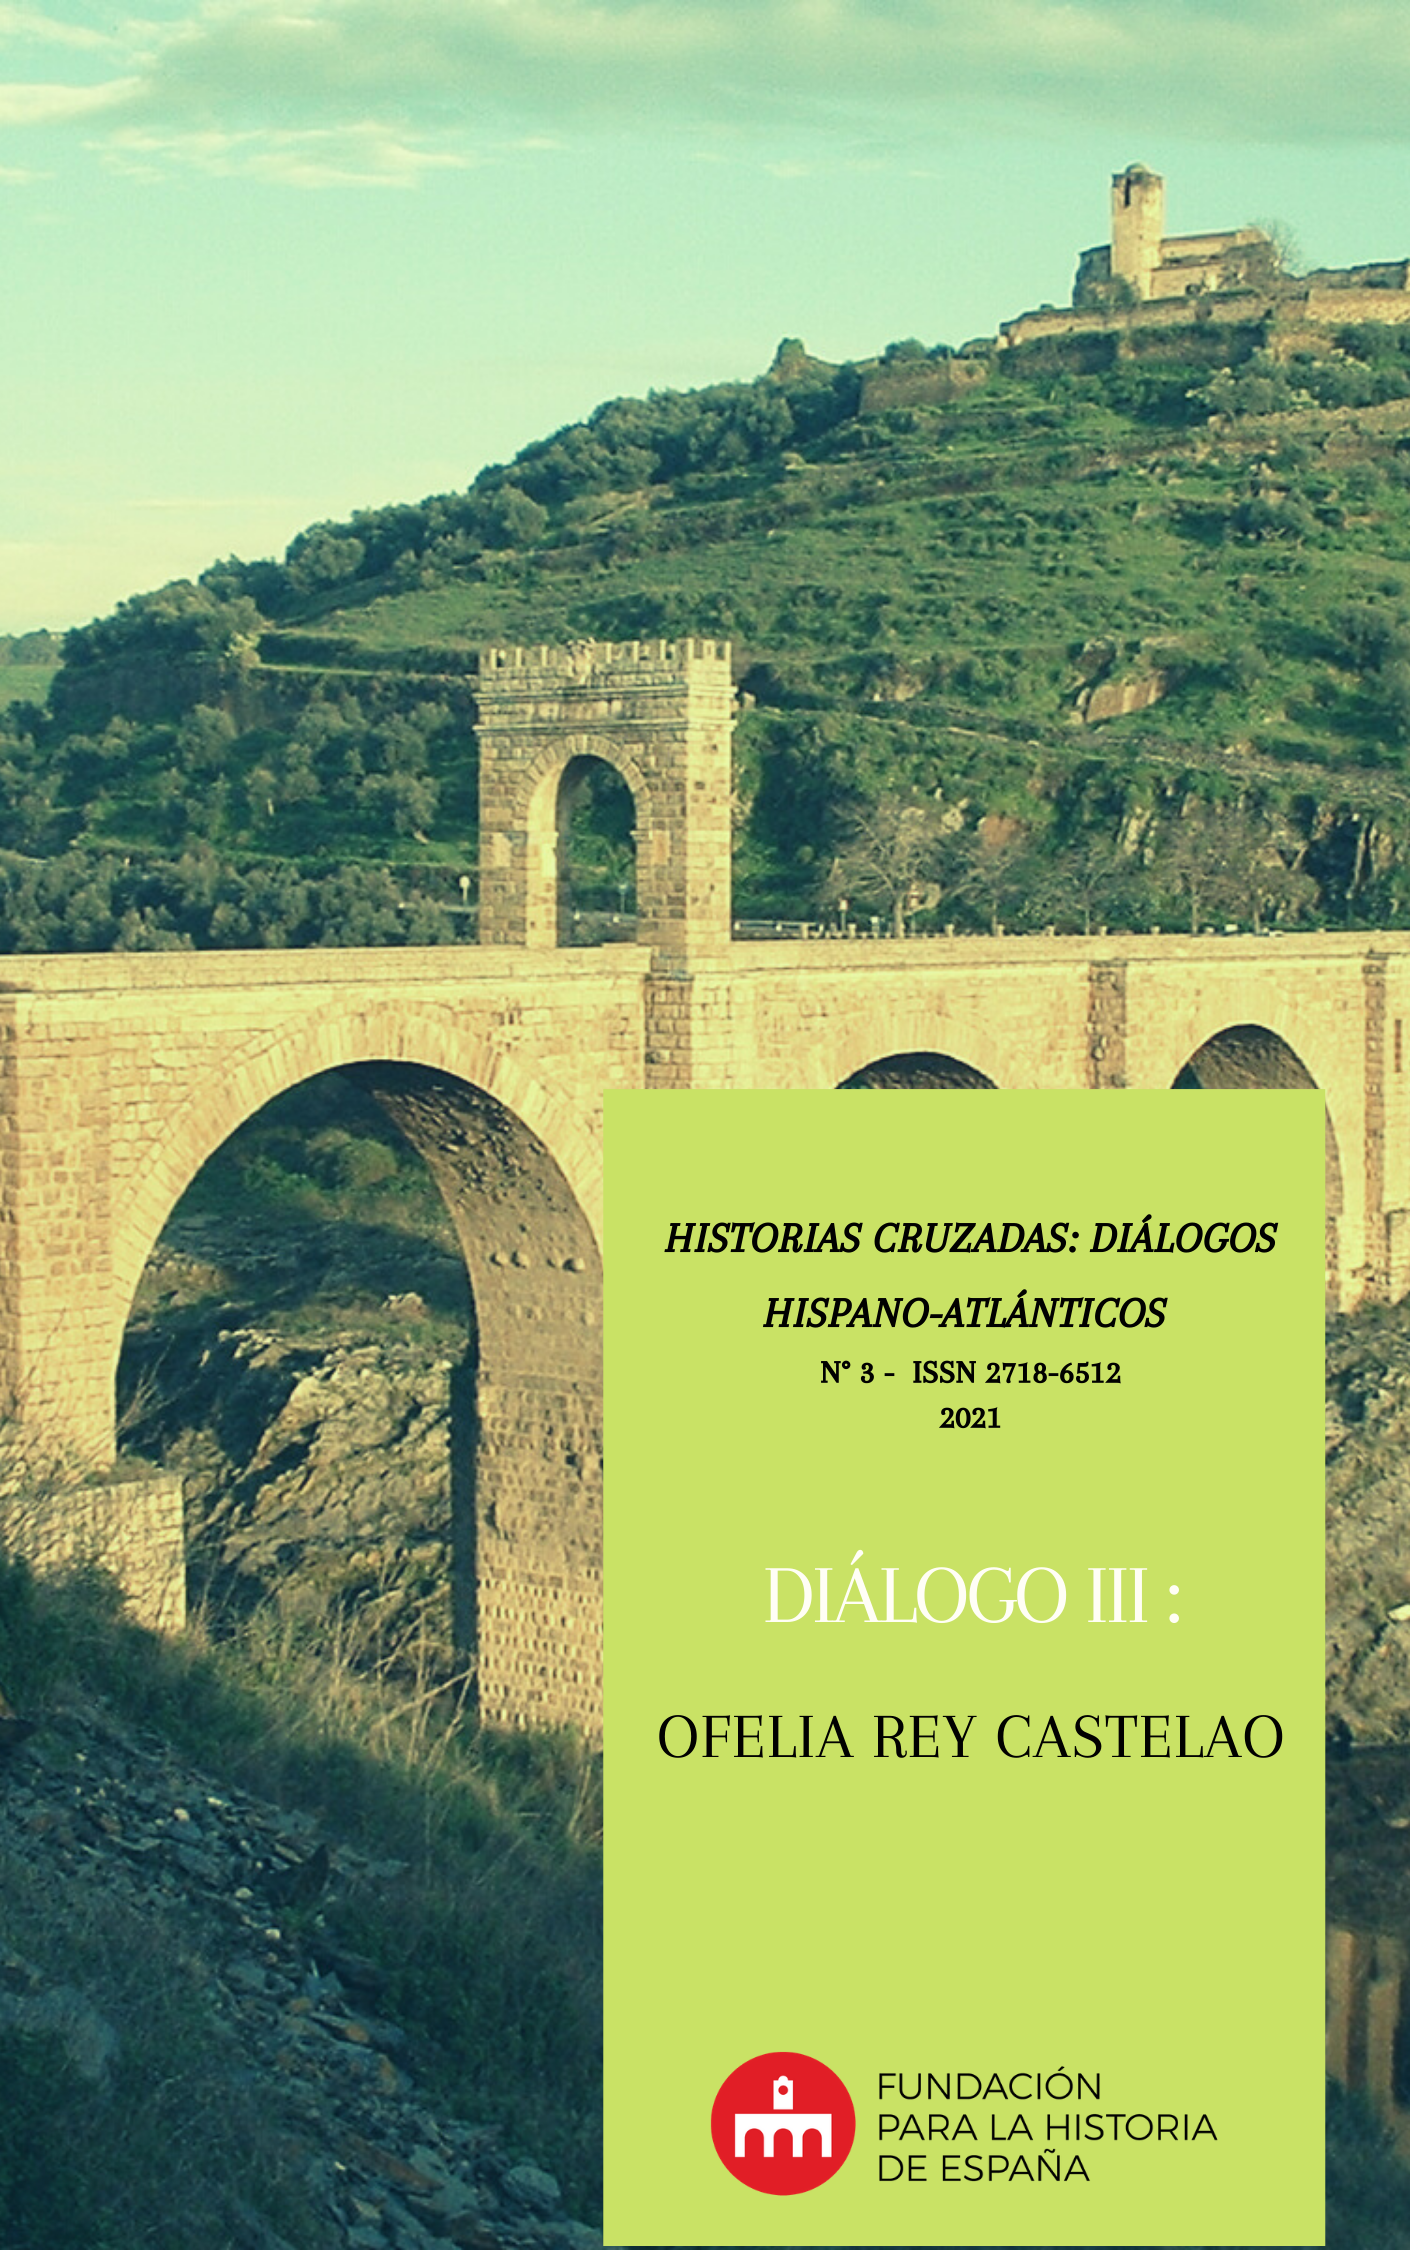 Diálogo III Ofelia Rey Castelao